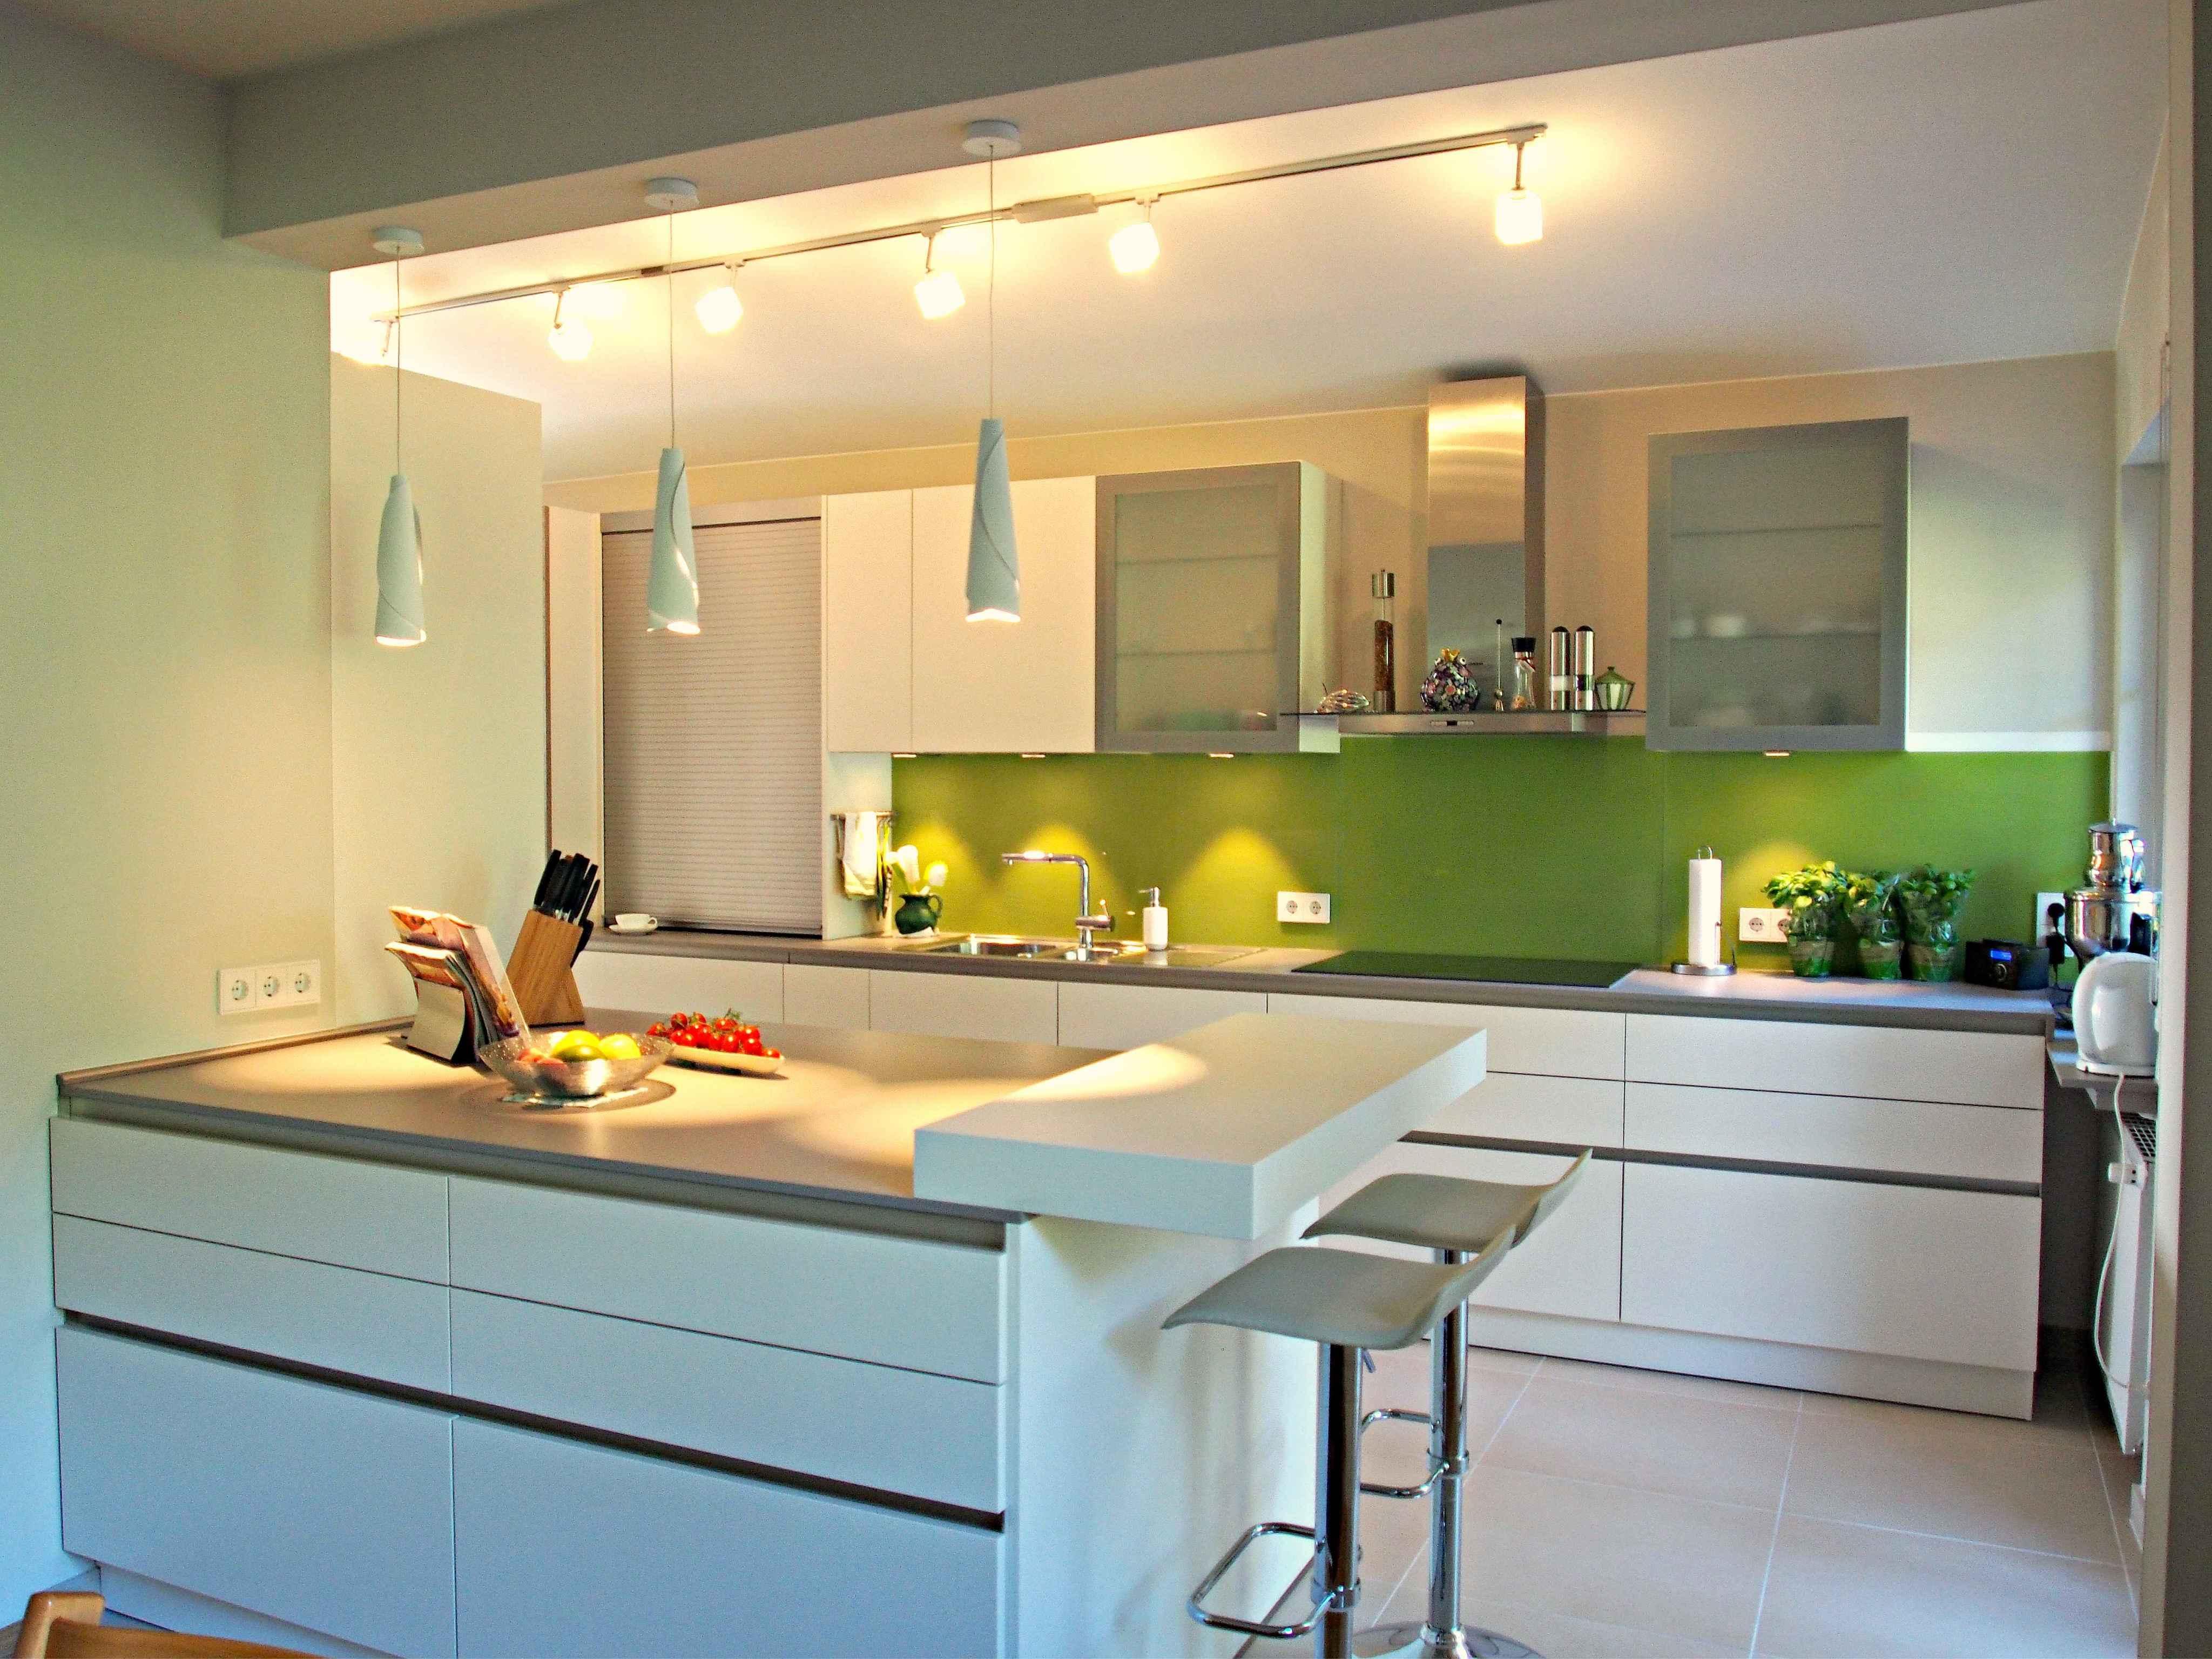 Küchen Mit Sitzgelegenheit freistehende küche bilder ideen couchstyle